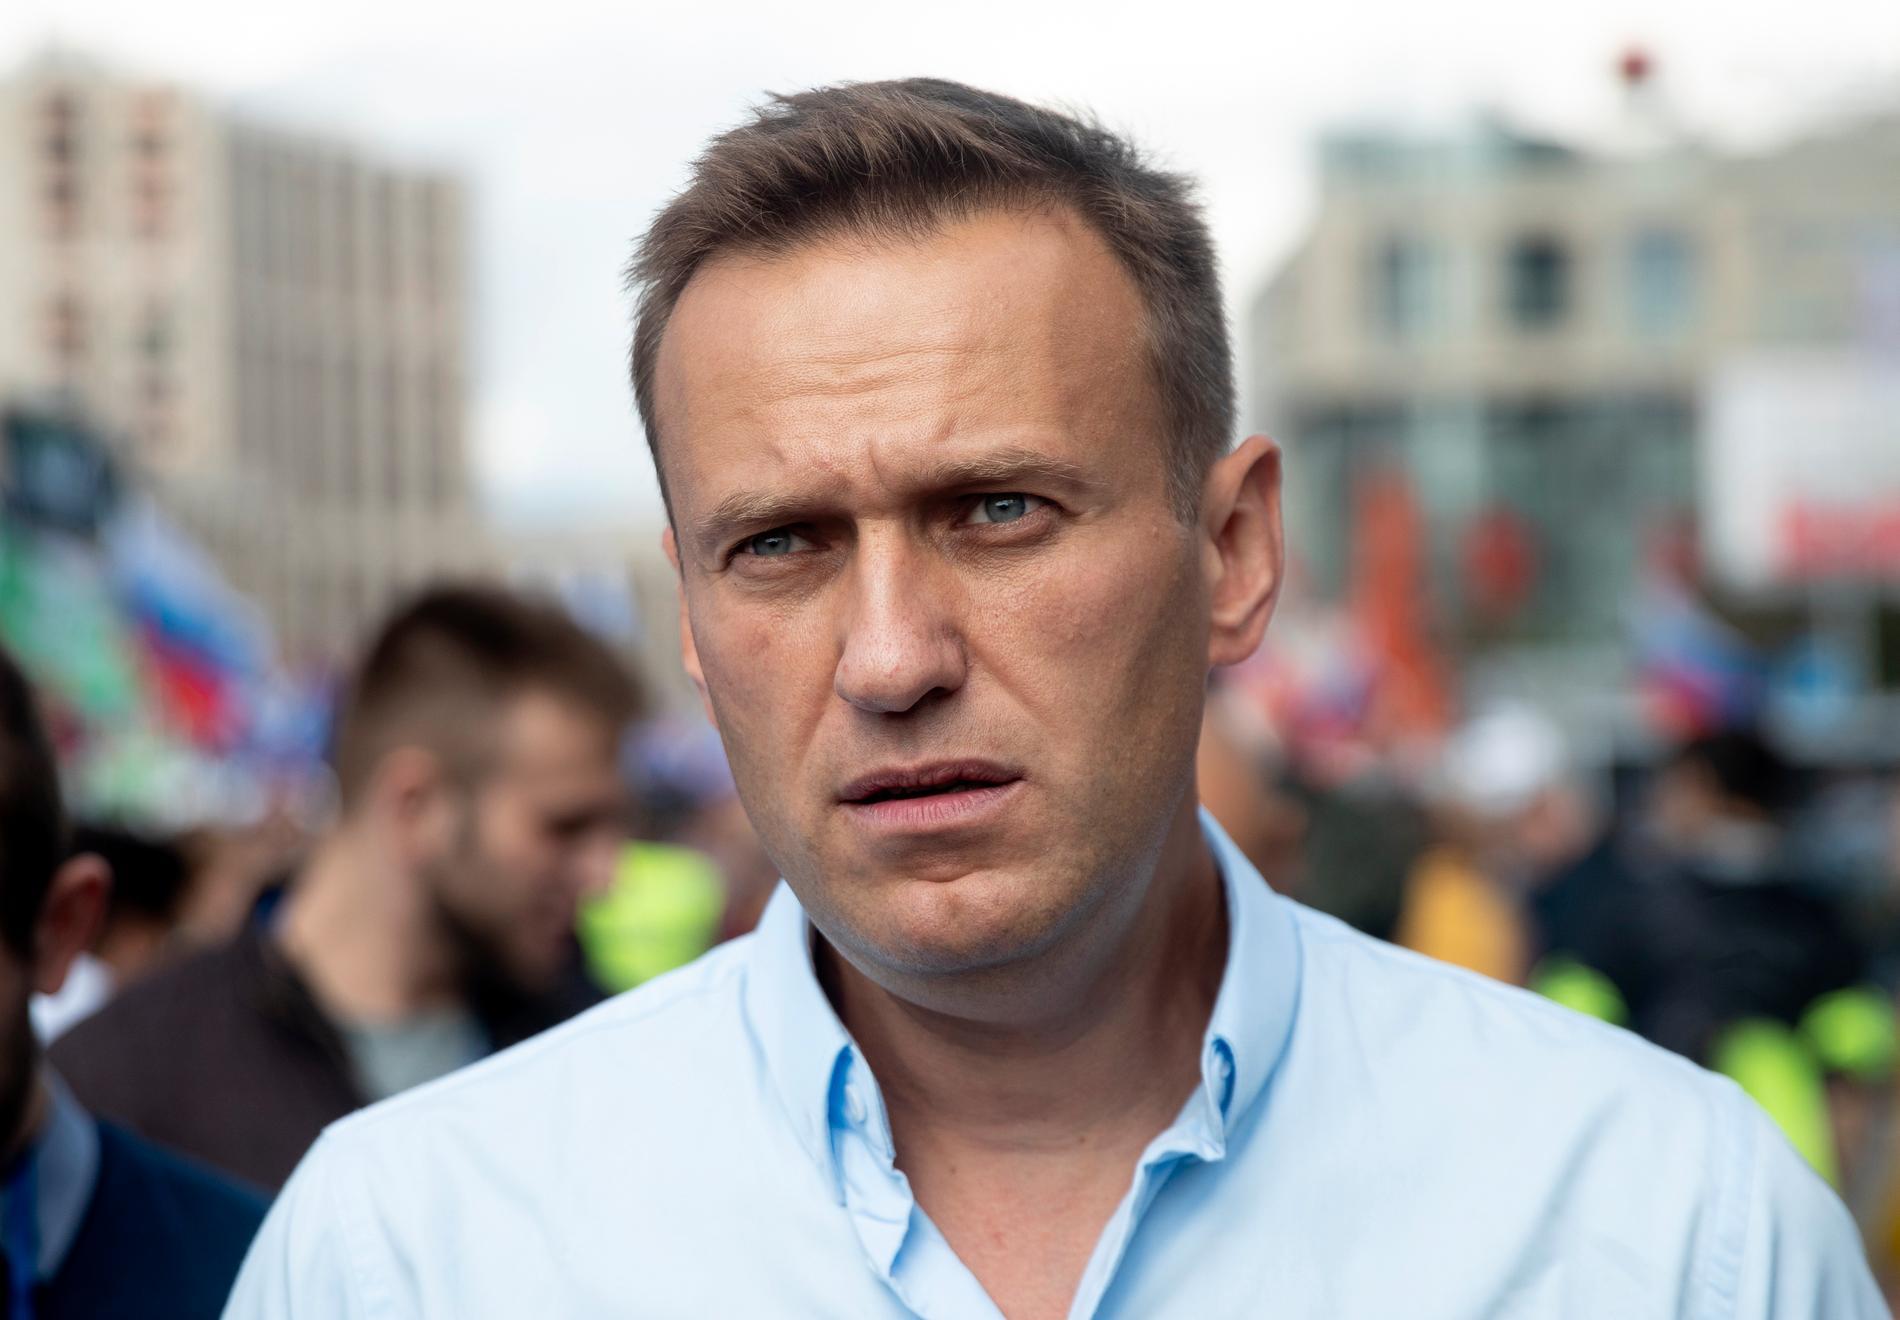 Ryska tillsynsmyndigheten har blockerat en hemsida som tillhör oppositionsledaren Aleksej Navalny. Arkivbild.